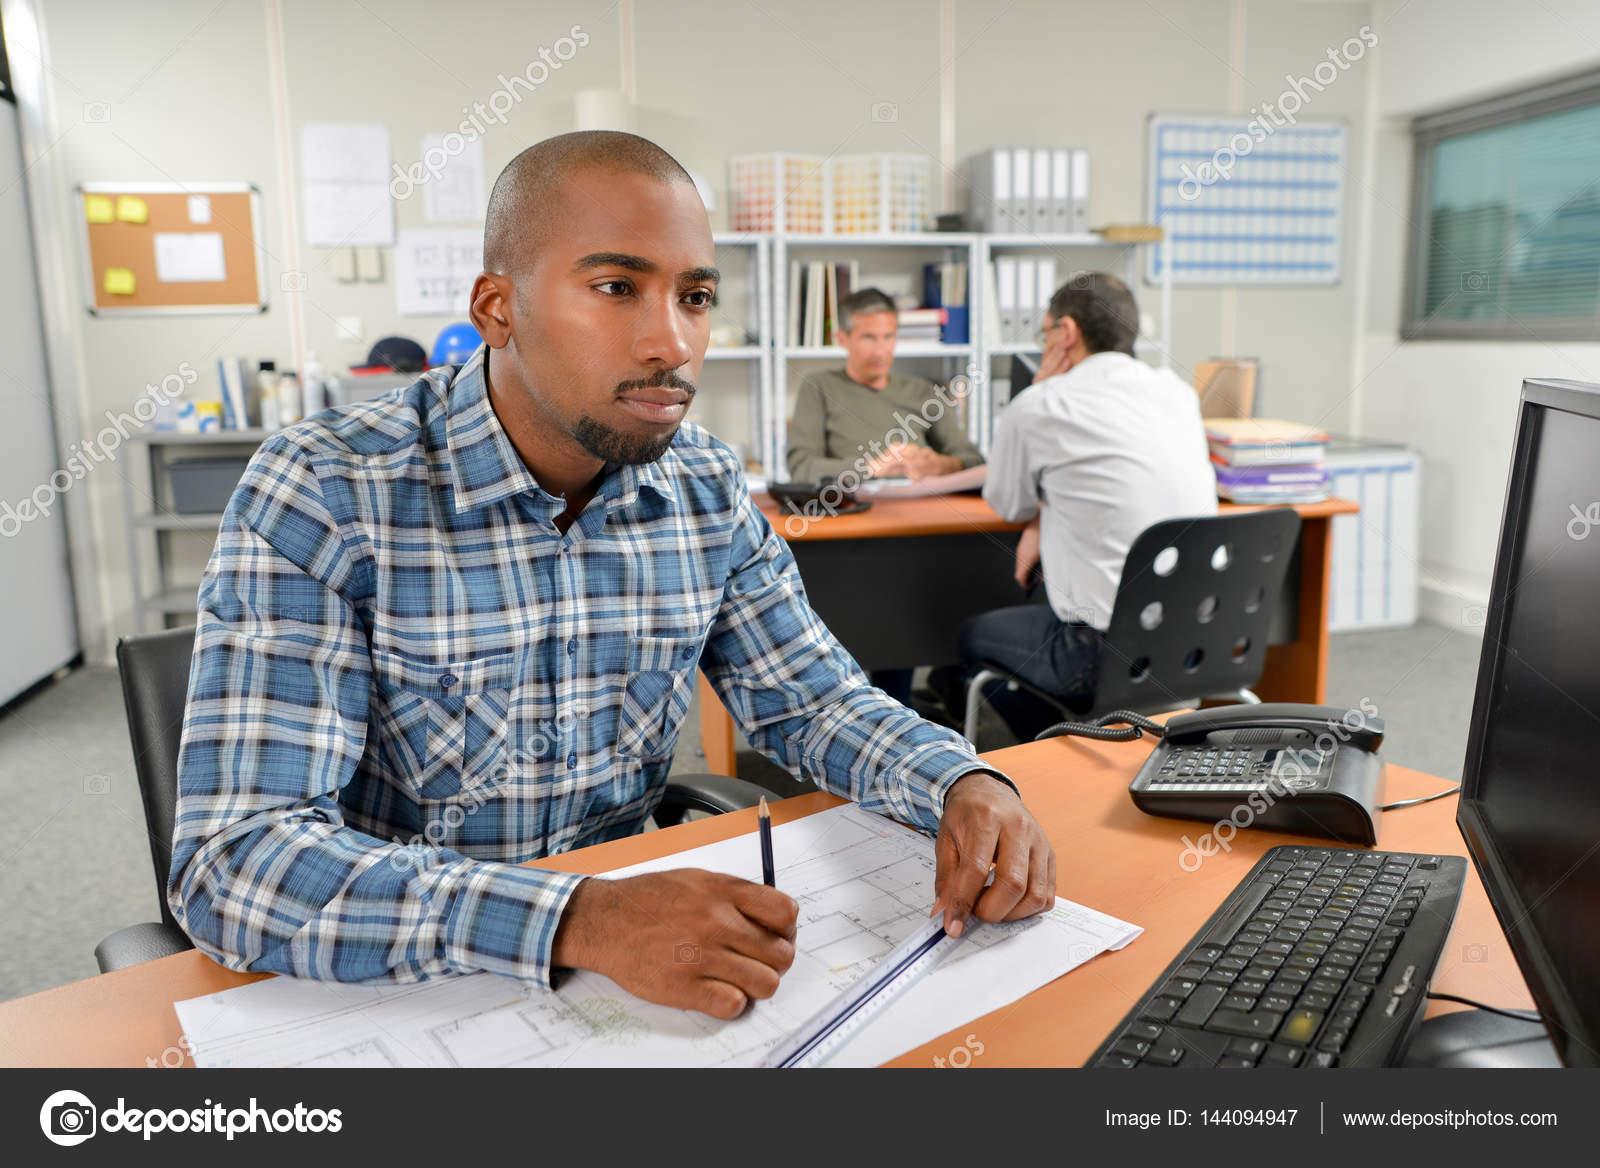 Disegno Uomo Alla Scrivania : Uomo alla scrivania lavorando su disegni in scala u foto stock